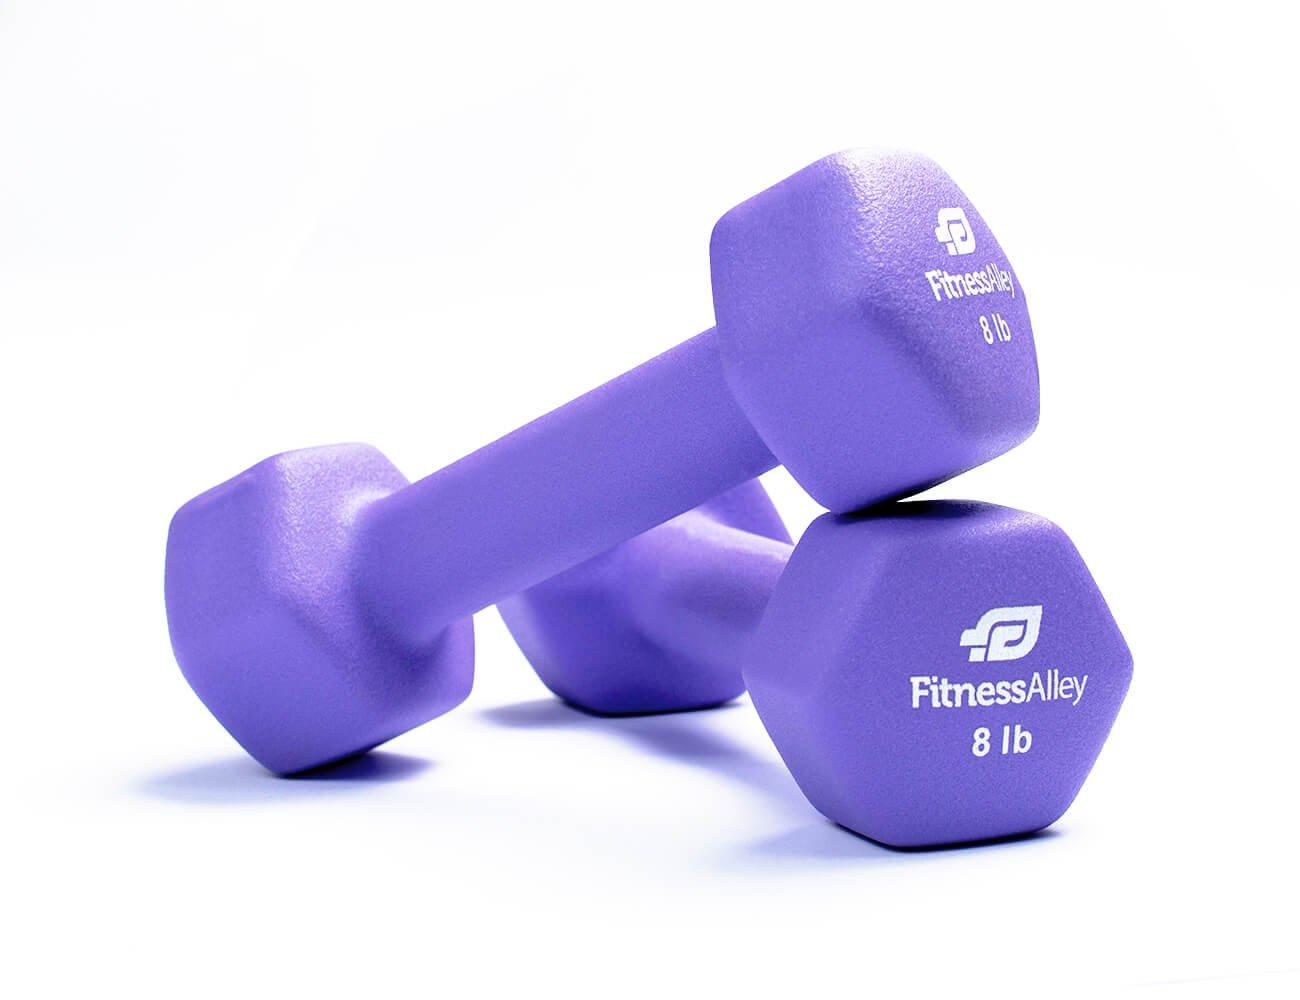 Fitness Alley 8lb Neoprene Dumbbell Set Coated for Non Slip Grip - Hex Dumbbells Weight Set - Hand weights set - Neoprene weight pairs - Hex Hand Weights - Set of two Neoprene Dumbbells, 8 lbs, Purple